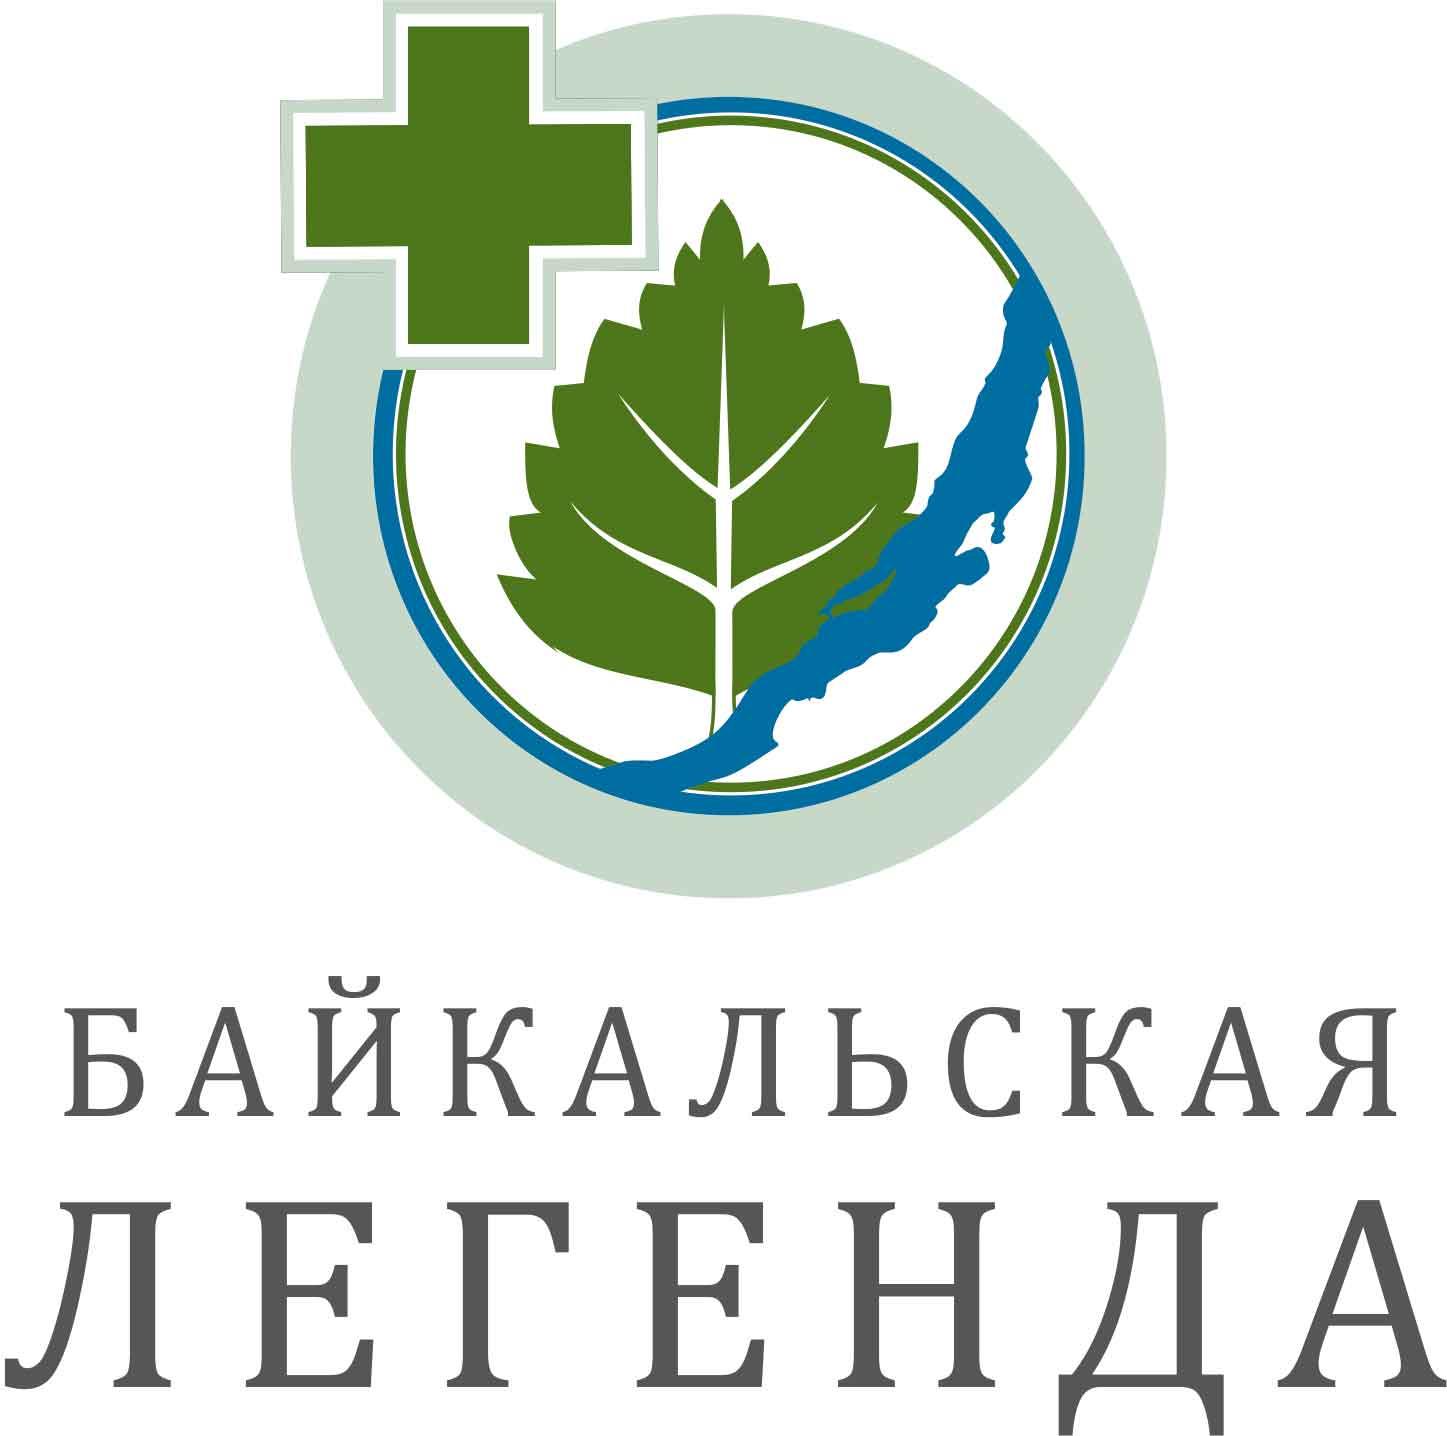 Байкальская легенда